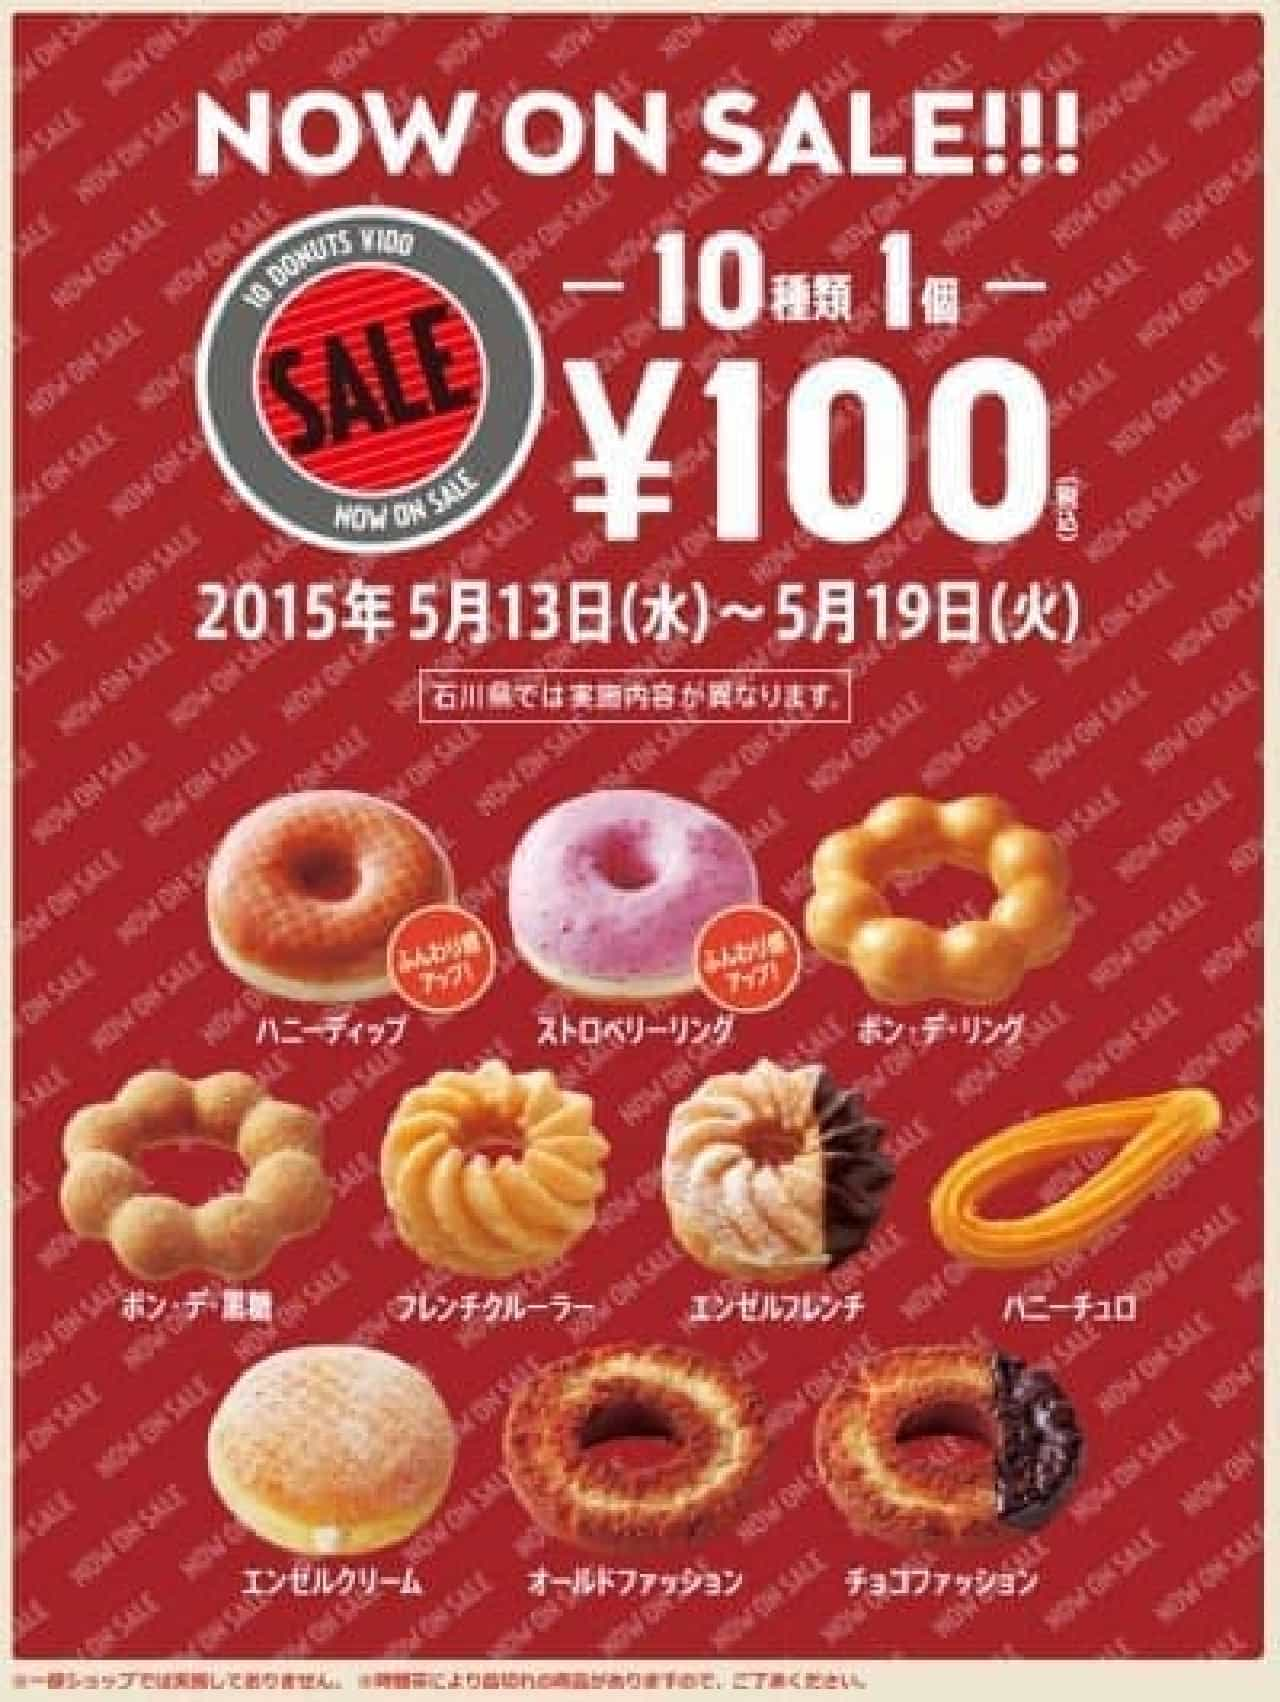 10個ぜんぶ買っても1,000円だよ!!  (出典:ミスタードーナツ公式サイト)